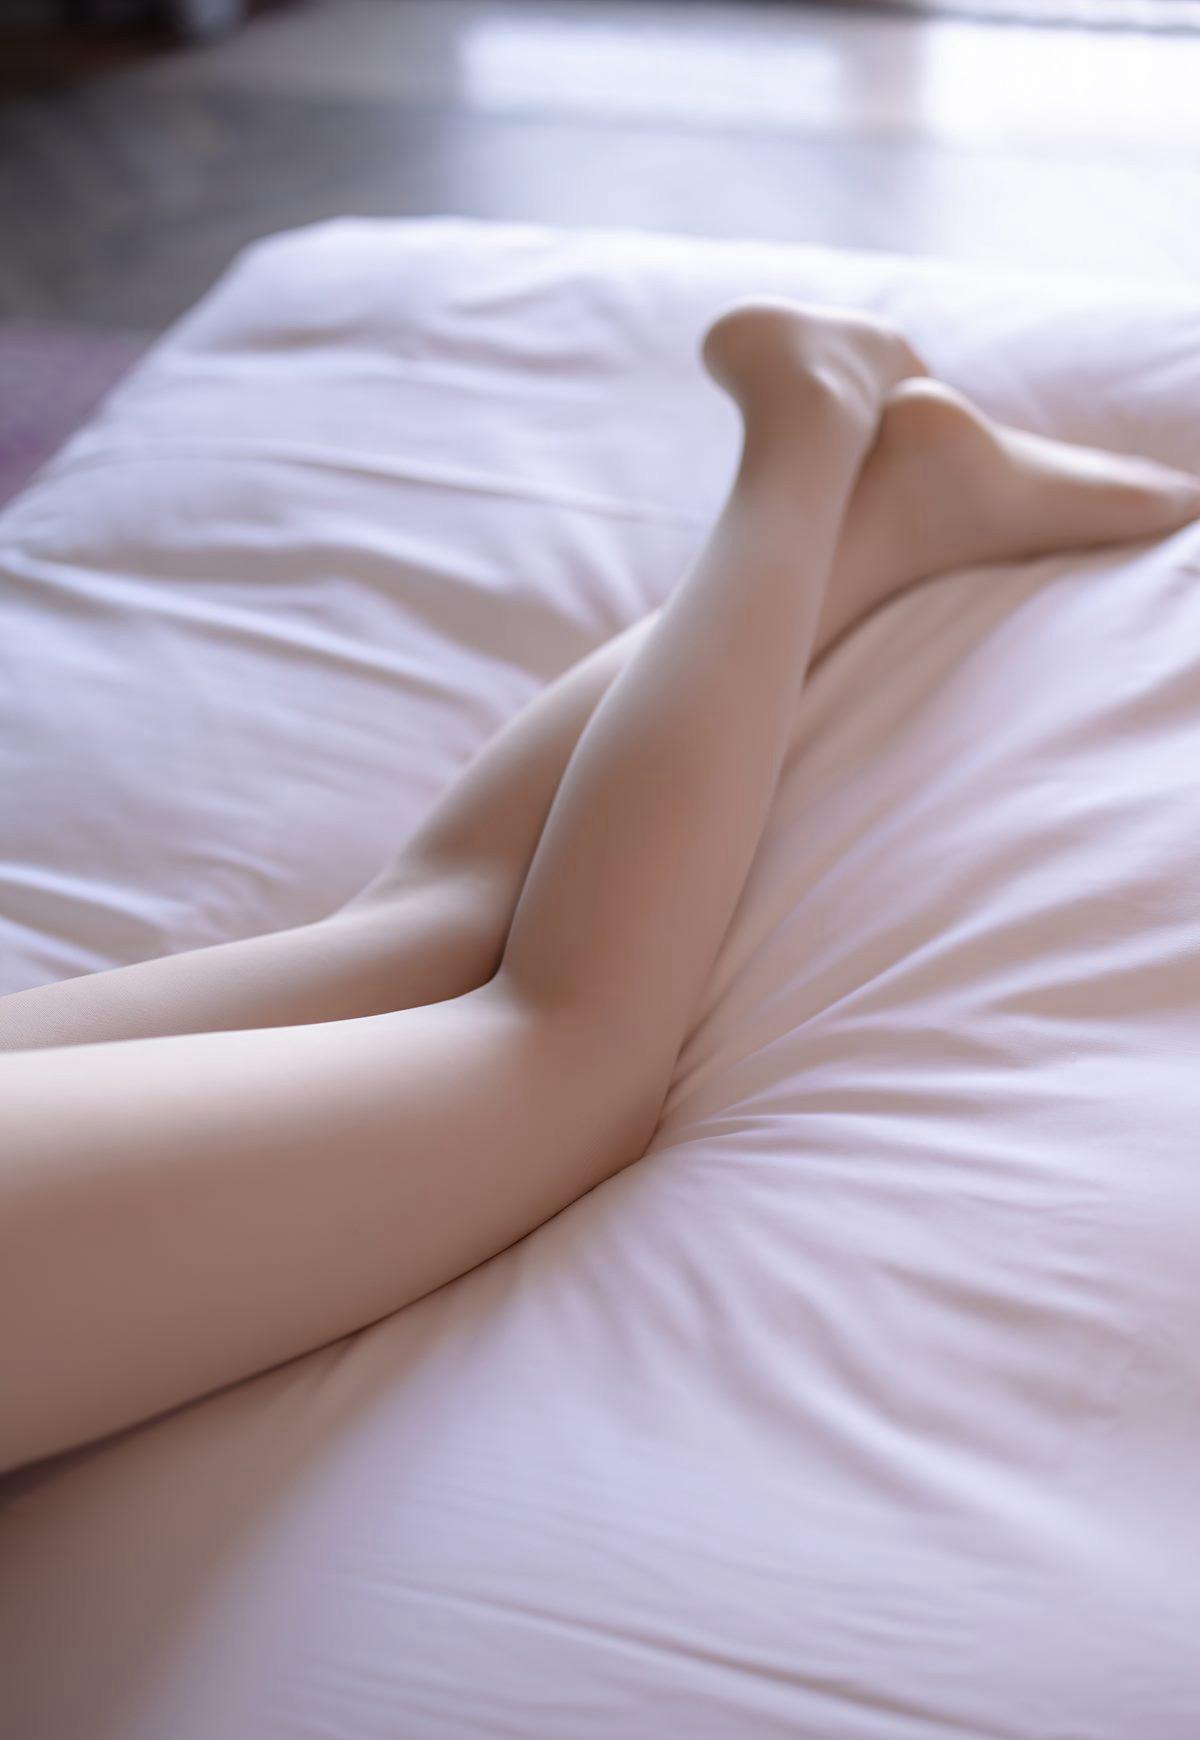 芝芝Booty超薄白丝完美腿型诱惑白嫩玉足脱丝袜写真-芝芝Booty-『游乐宫』Youlegong.com 第8张